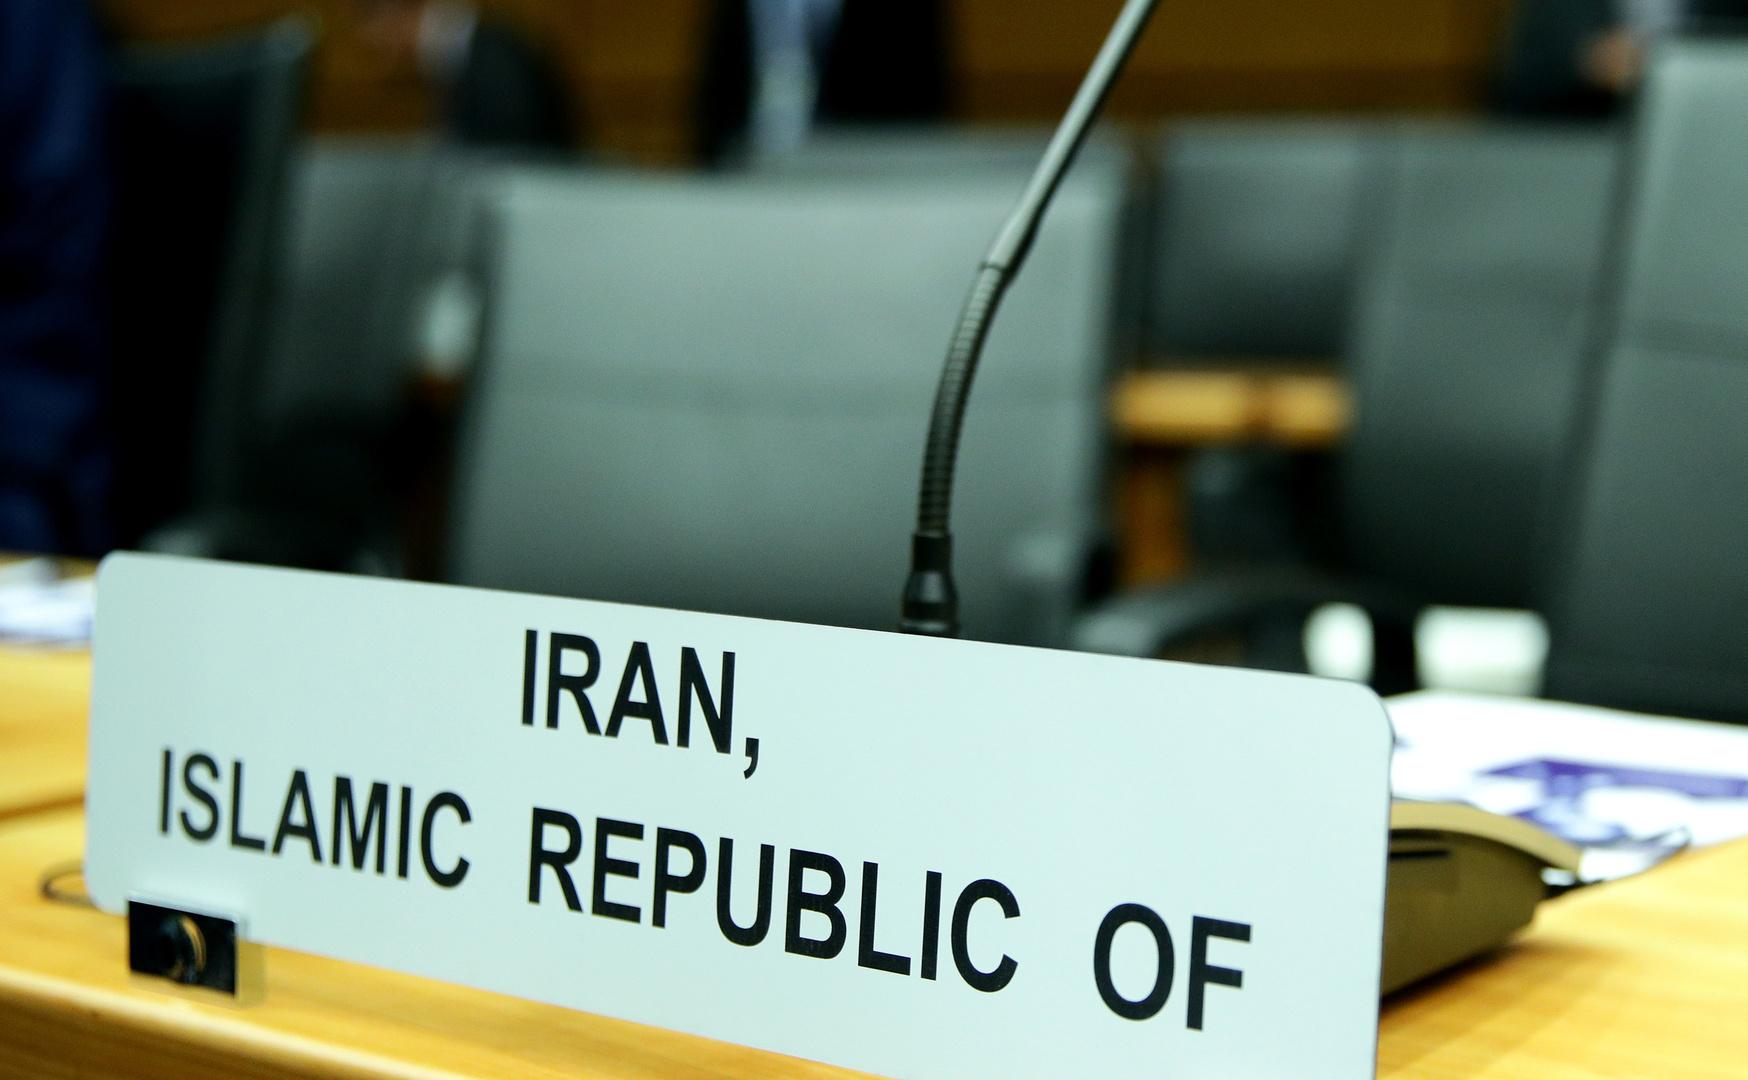 إيران ترفض إبرام اتفاقات إضافية بشأن برنامجها النووي وتتهم